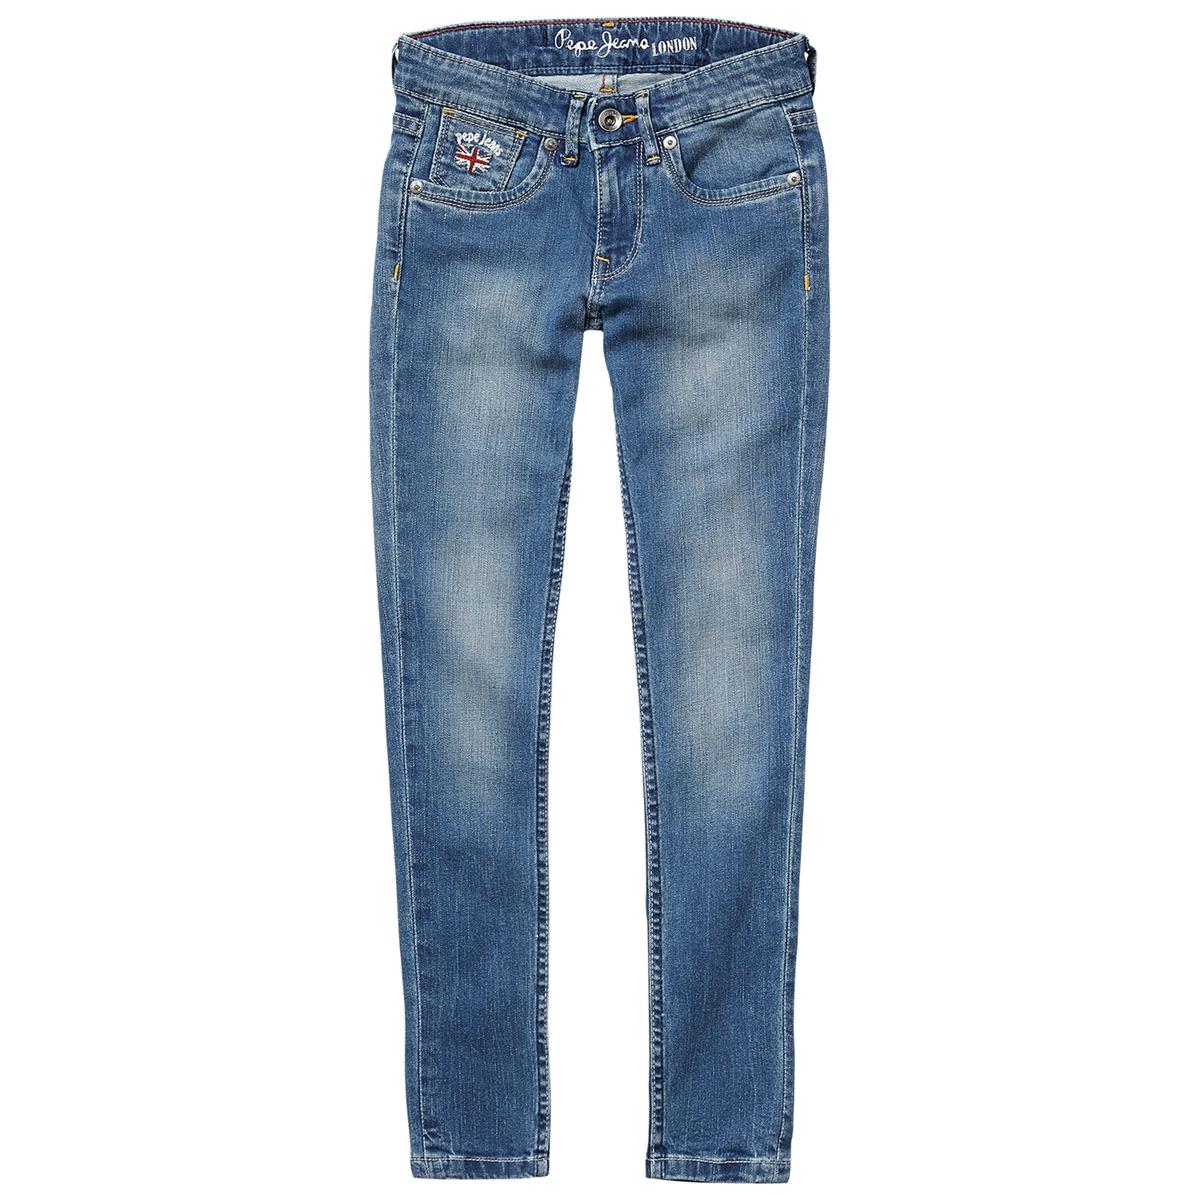 Джинсы узкие, 8-16 лет джинсы узкие для 8 16 лет